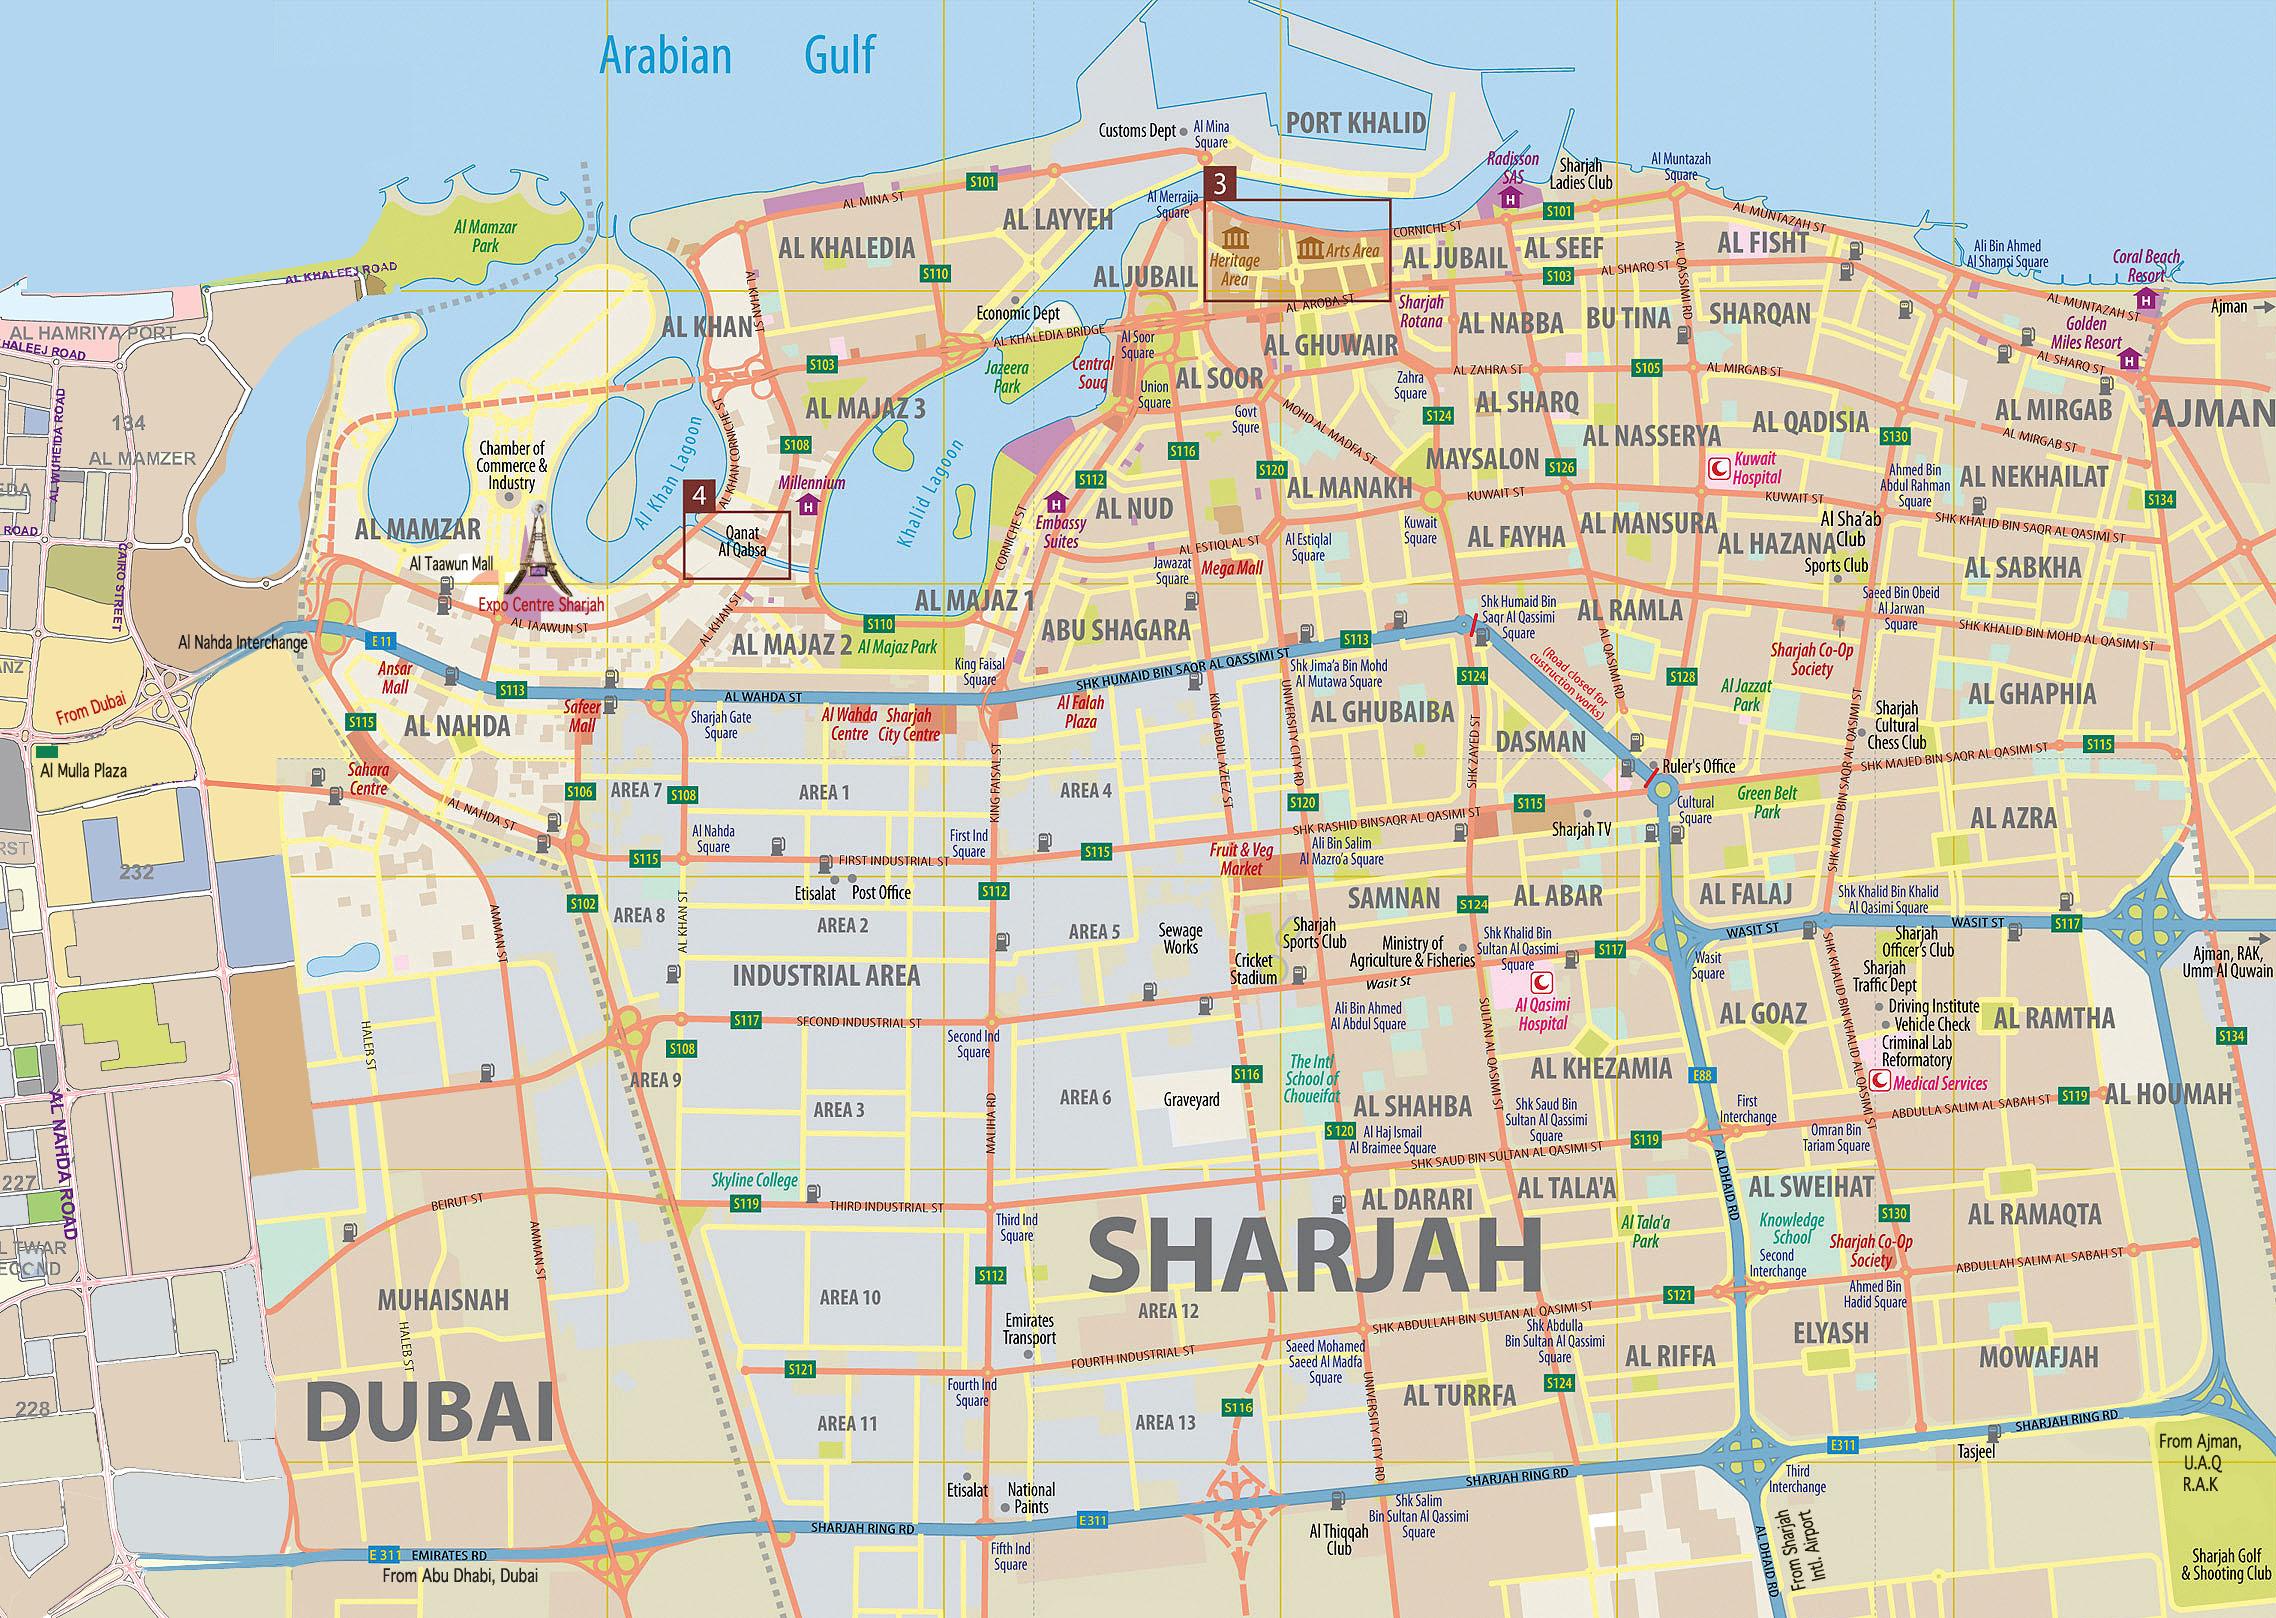 Mapa de Sharjah, Emirados Árabes Unidos 54